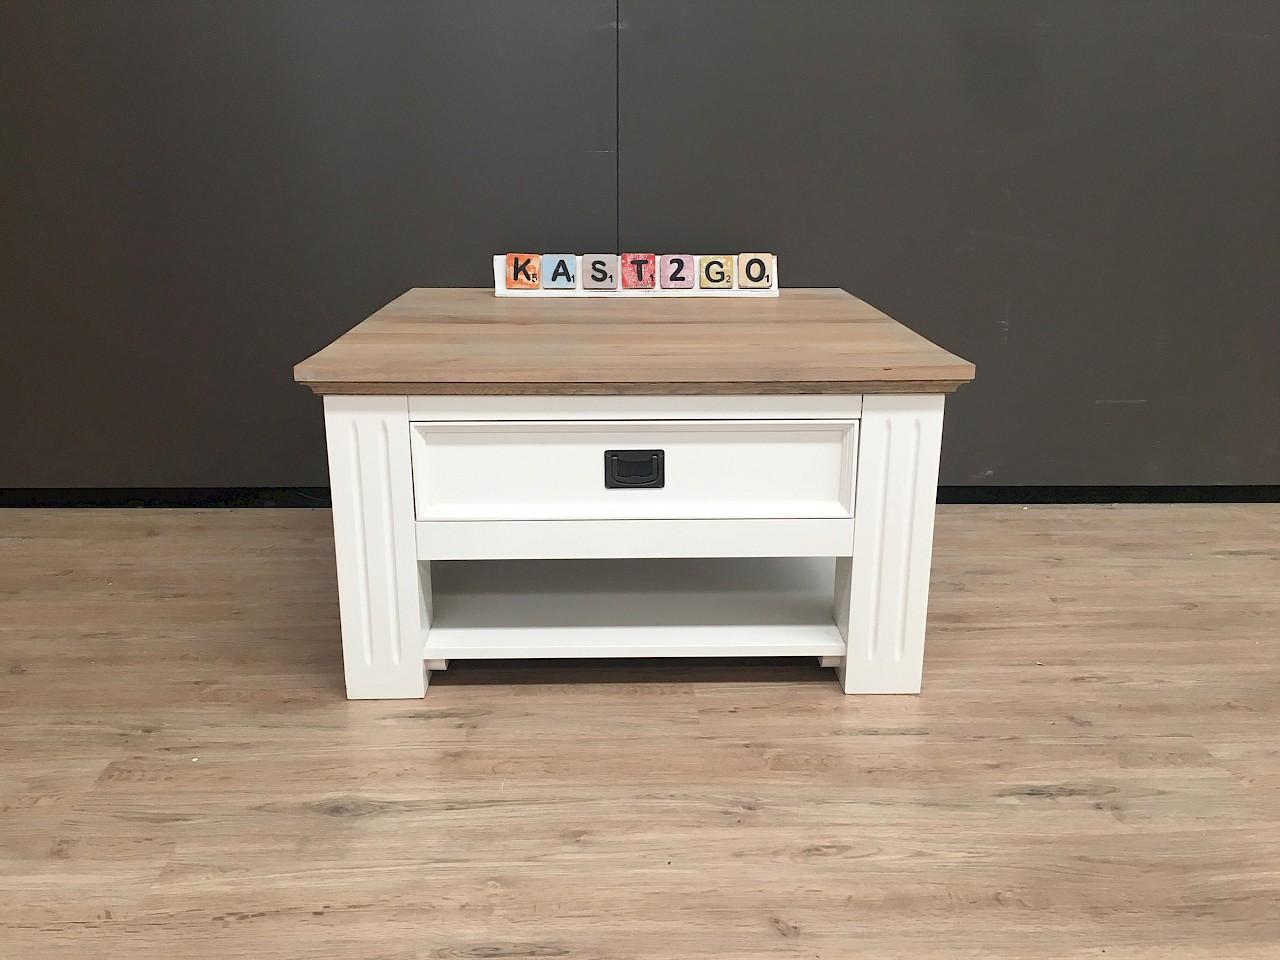 couchtisch finn 80 x 80 buffetschr nk2go. Black Bedroom Furniture Sets. Home Design Ideas